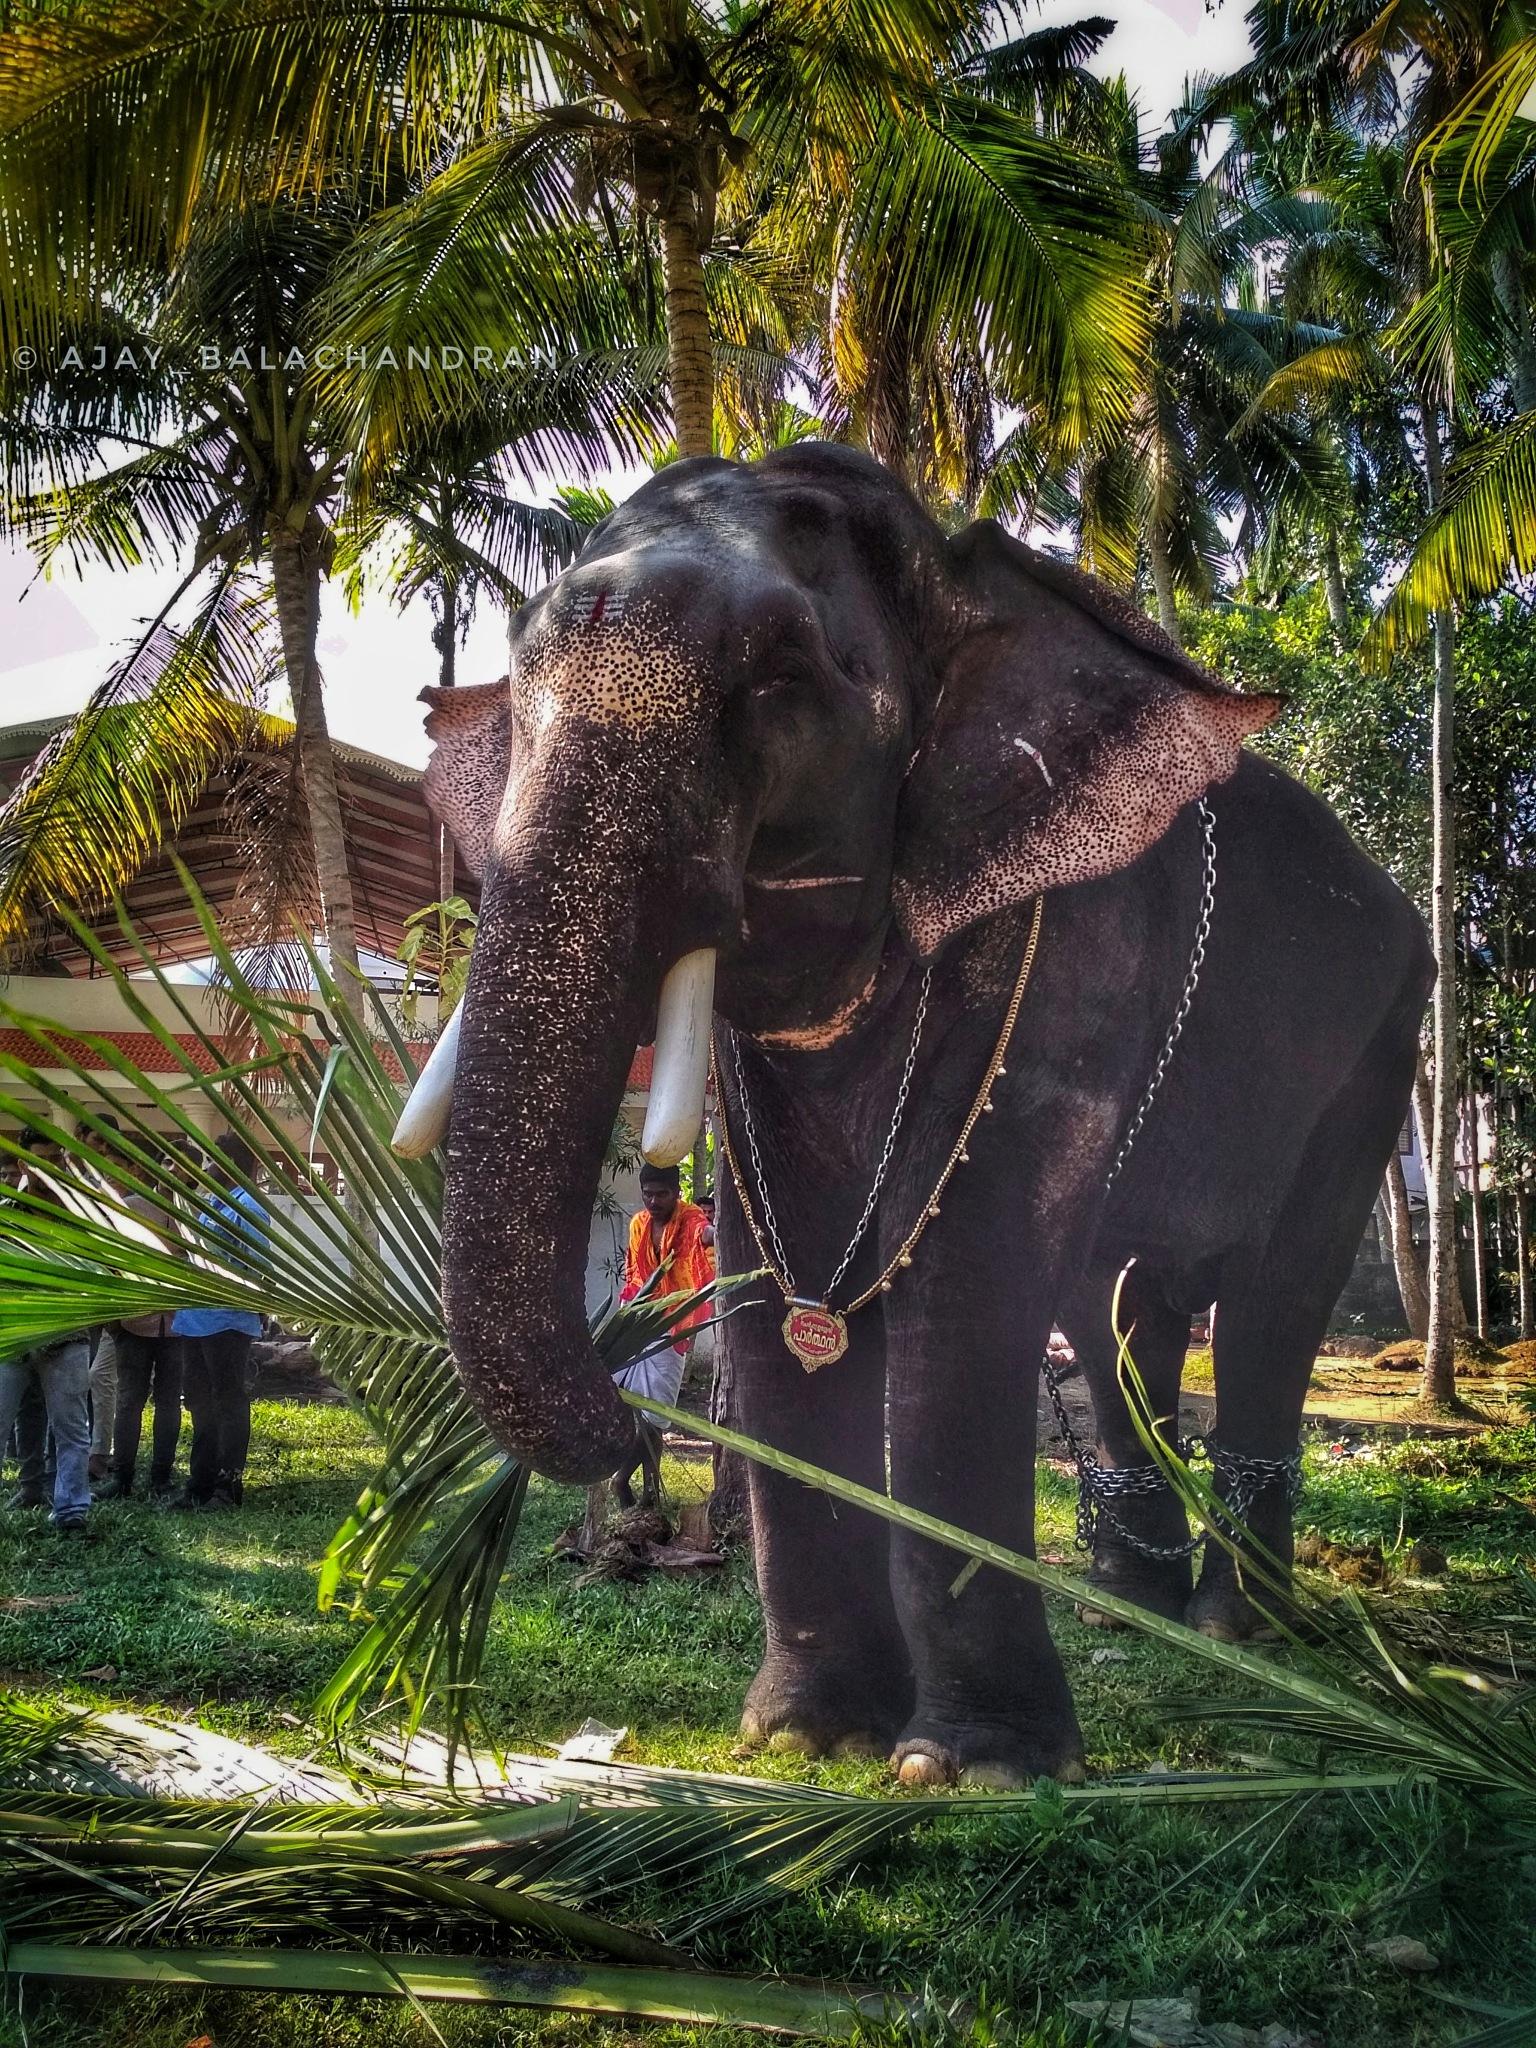 Elephant by Ajay Balachandran